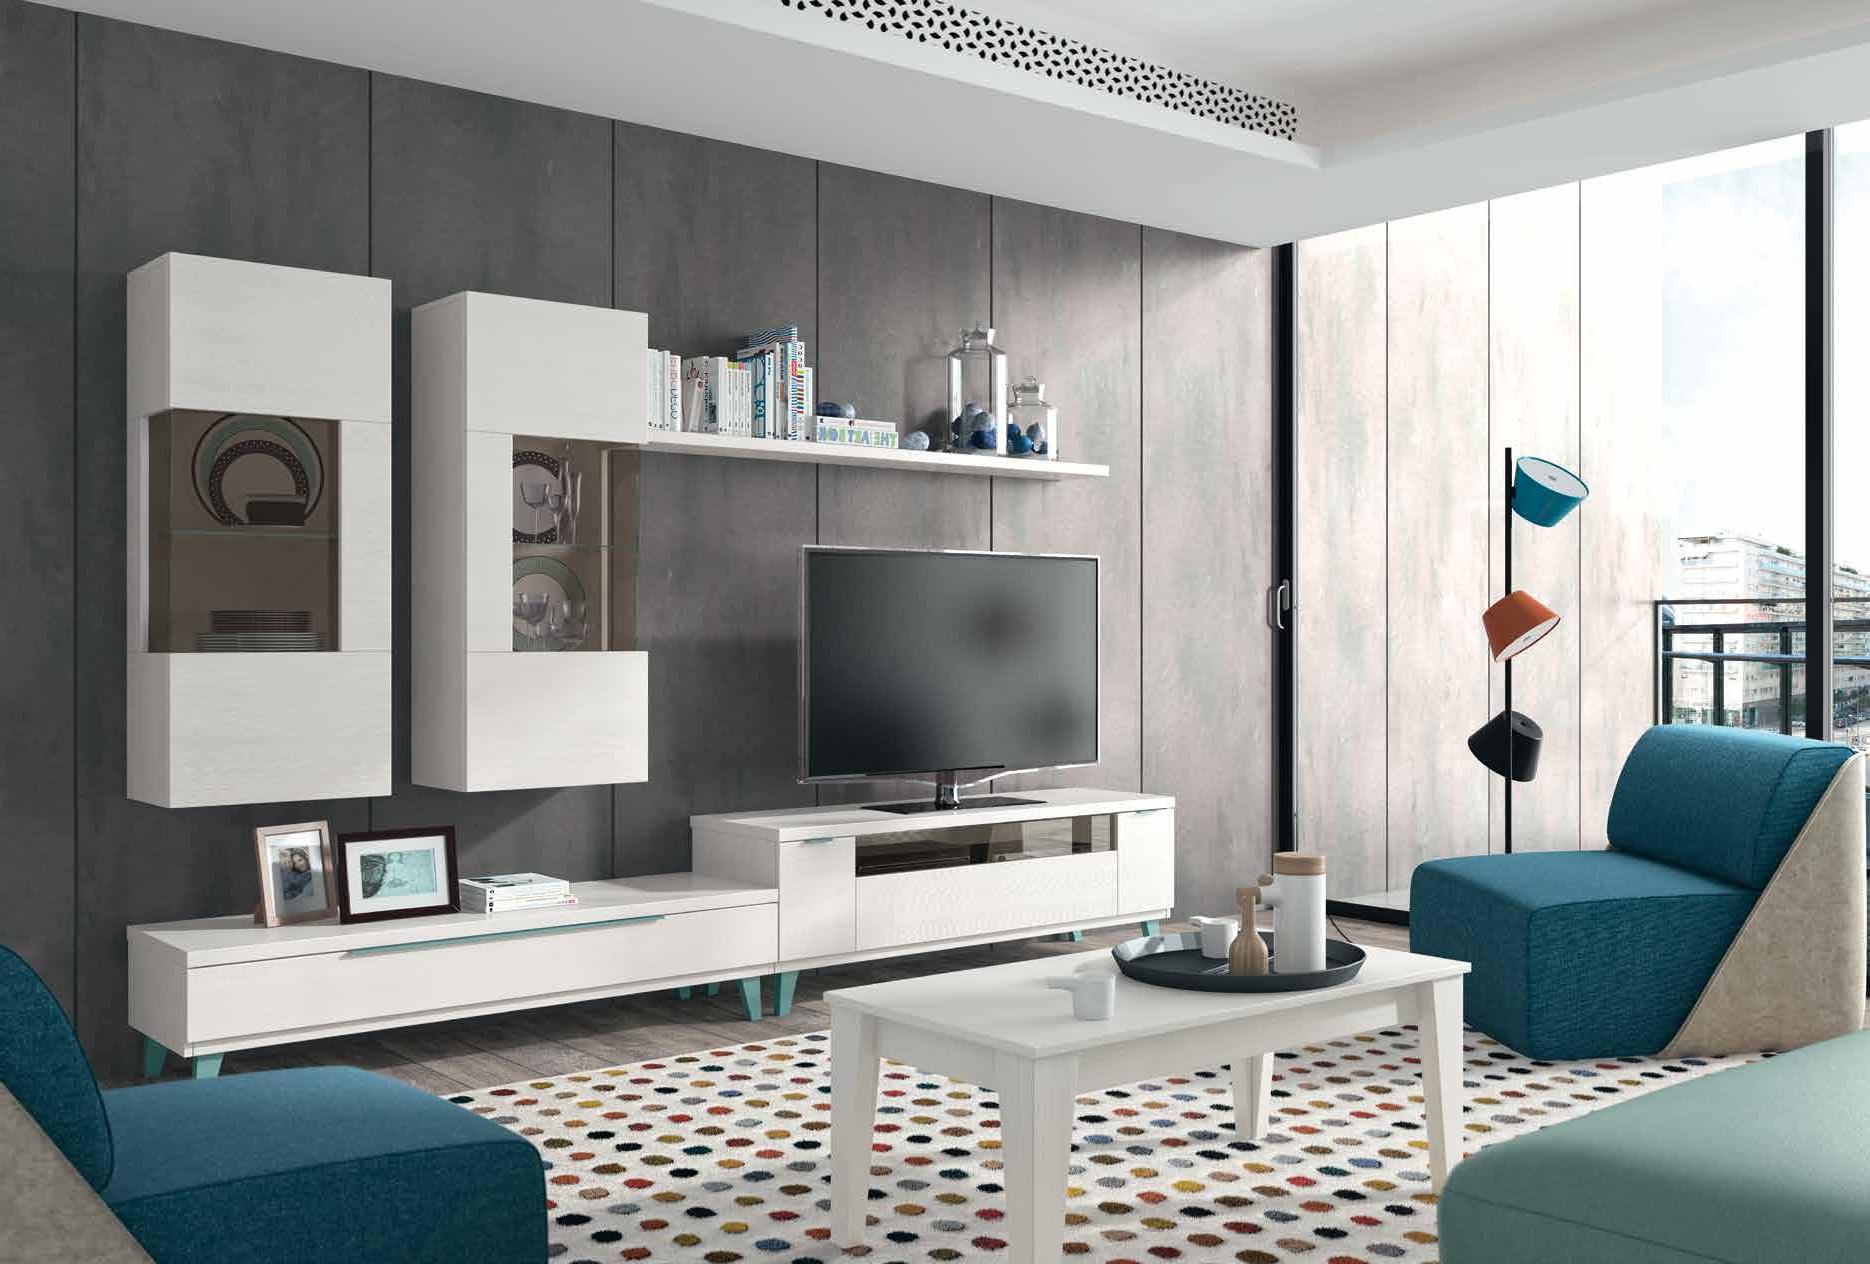 Precios De Muebles De Salon Ipdd Tienda De Muebles En Madrid De Salà N sofas Dormitorios